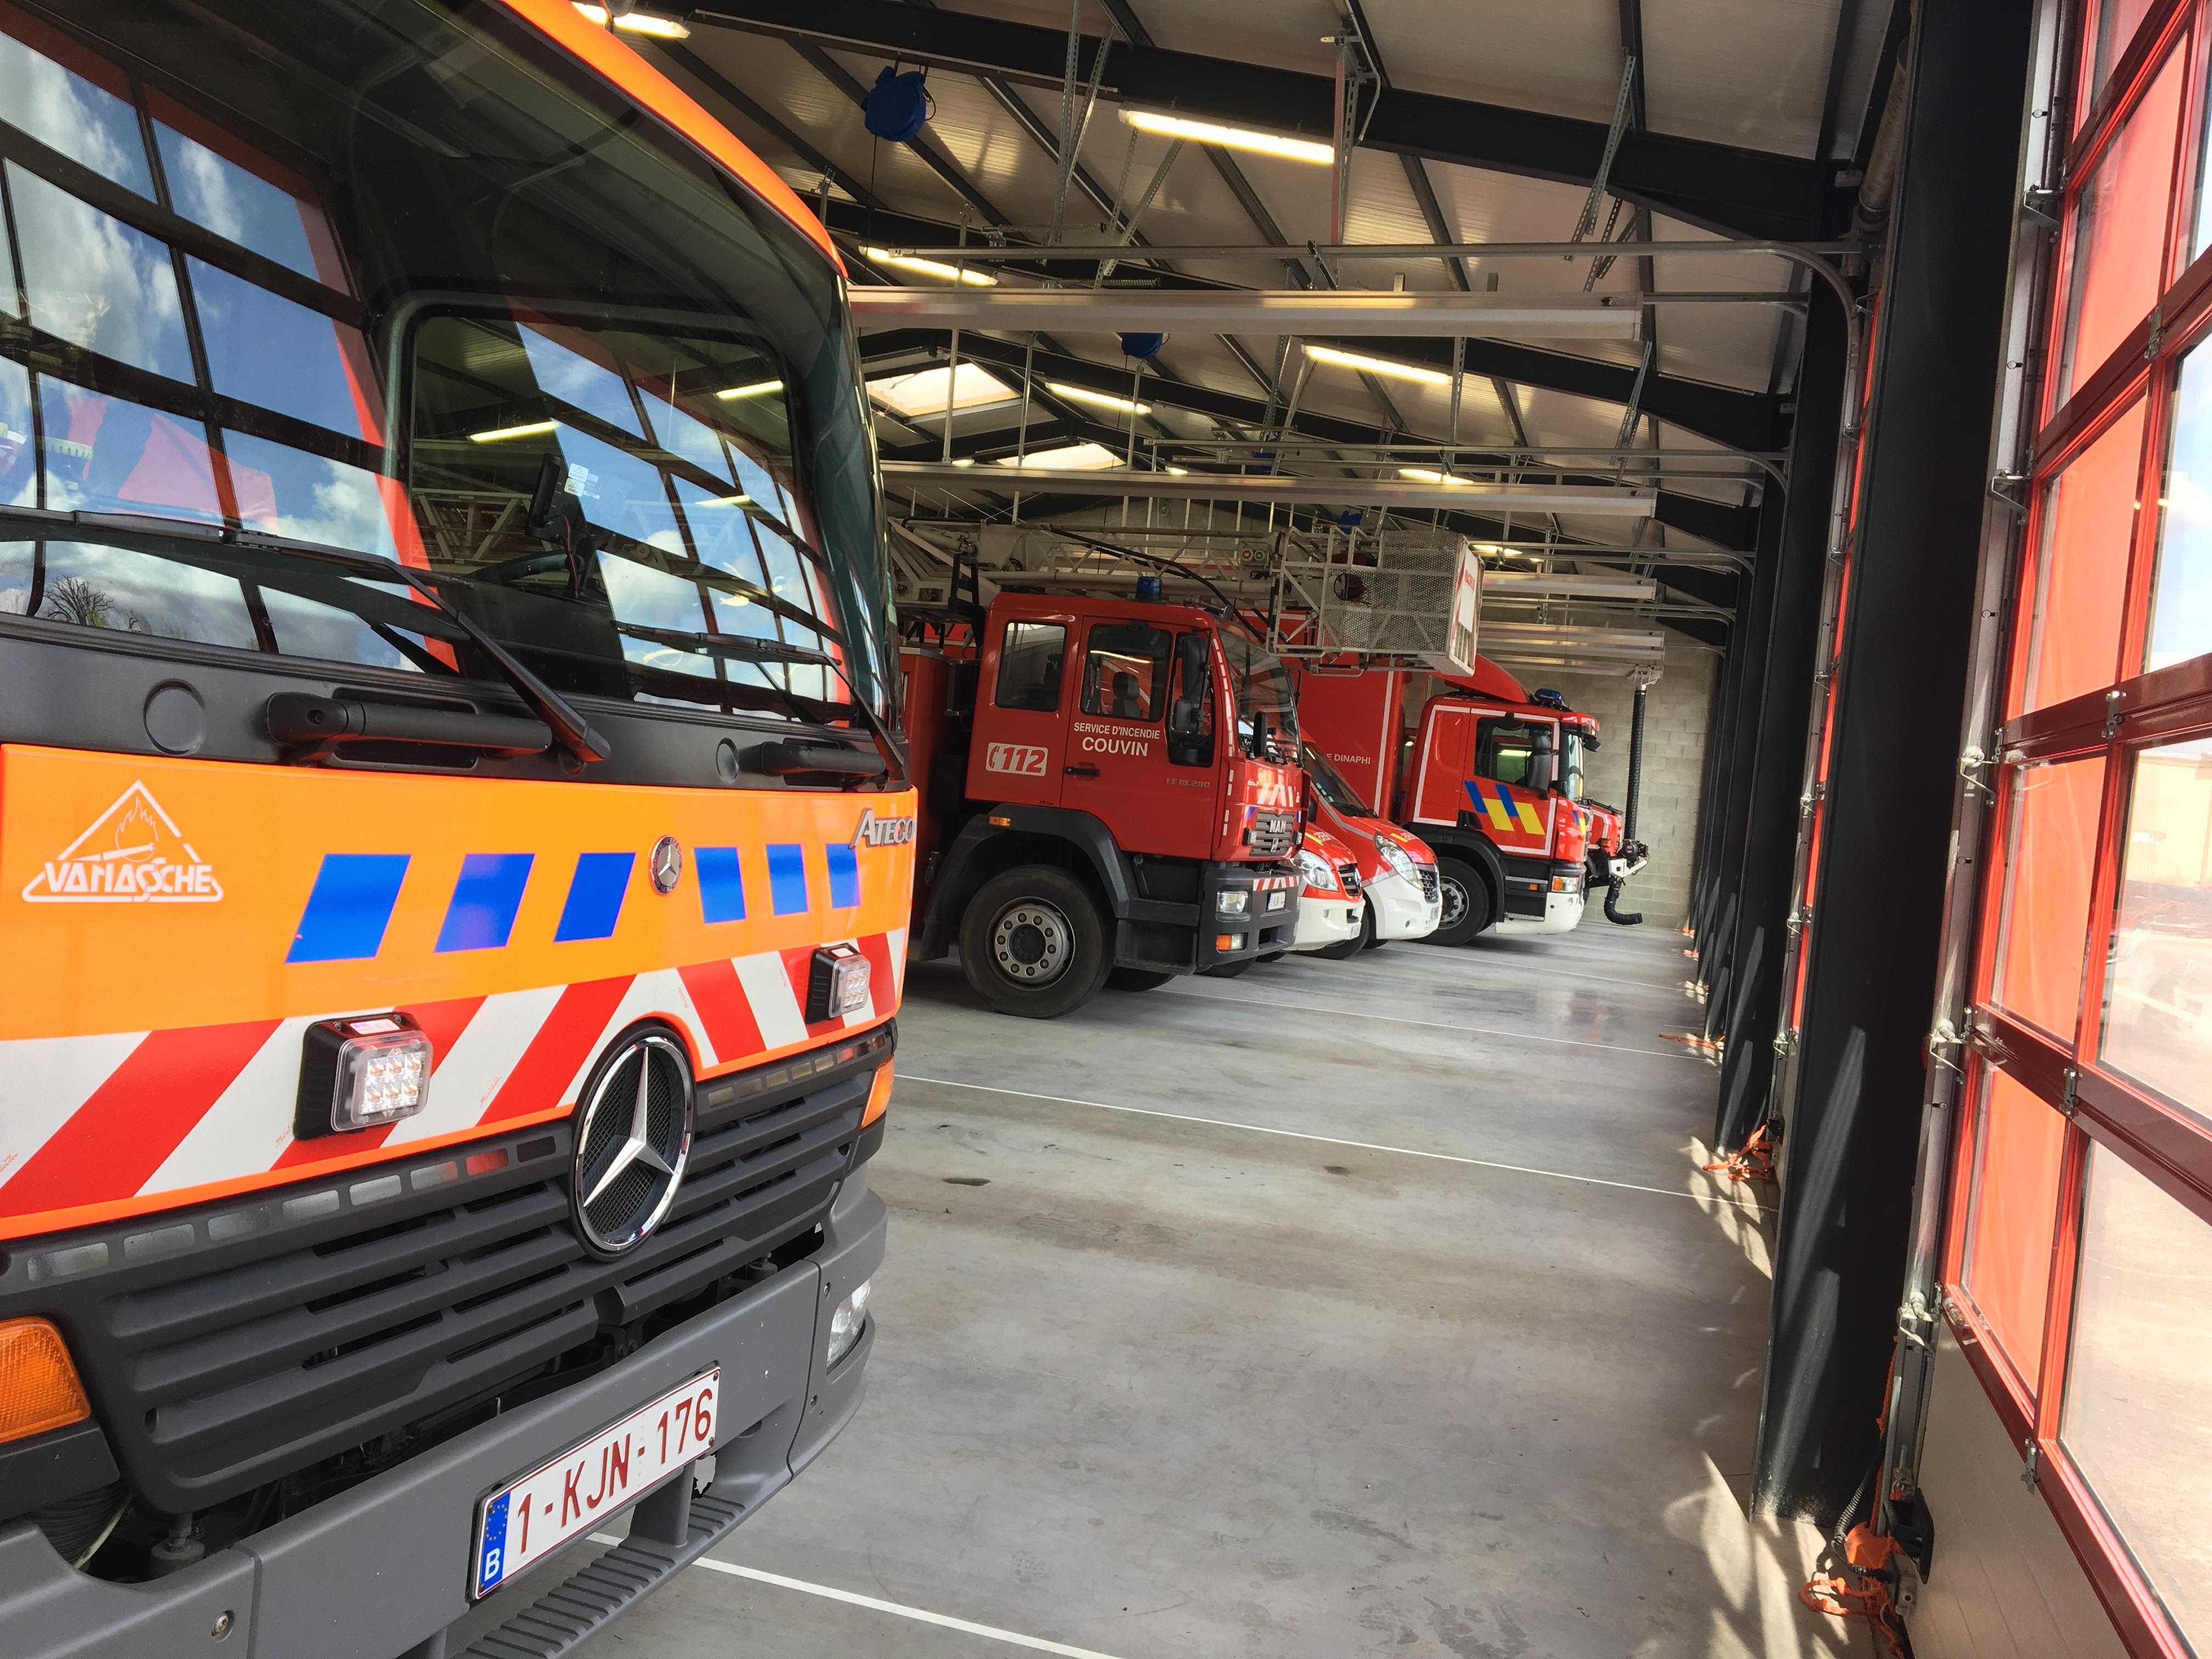 Les pompiers volontaires de Couvin sont en procès contre la Ville concernant leur garde à domicile.